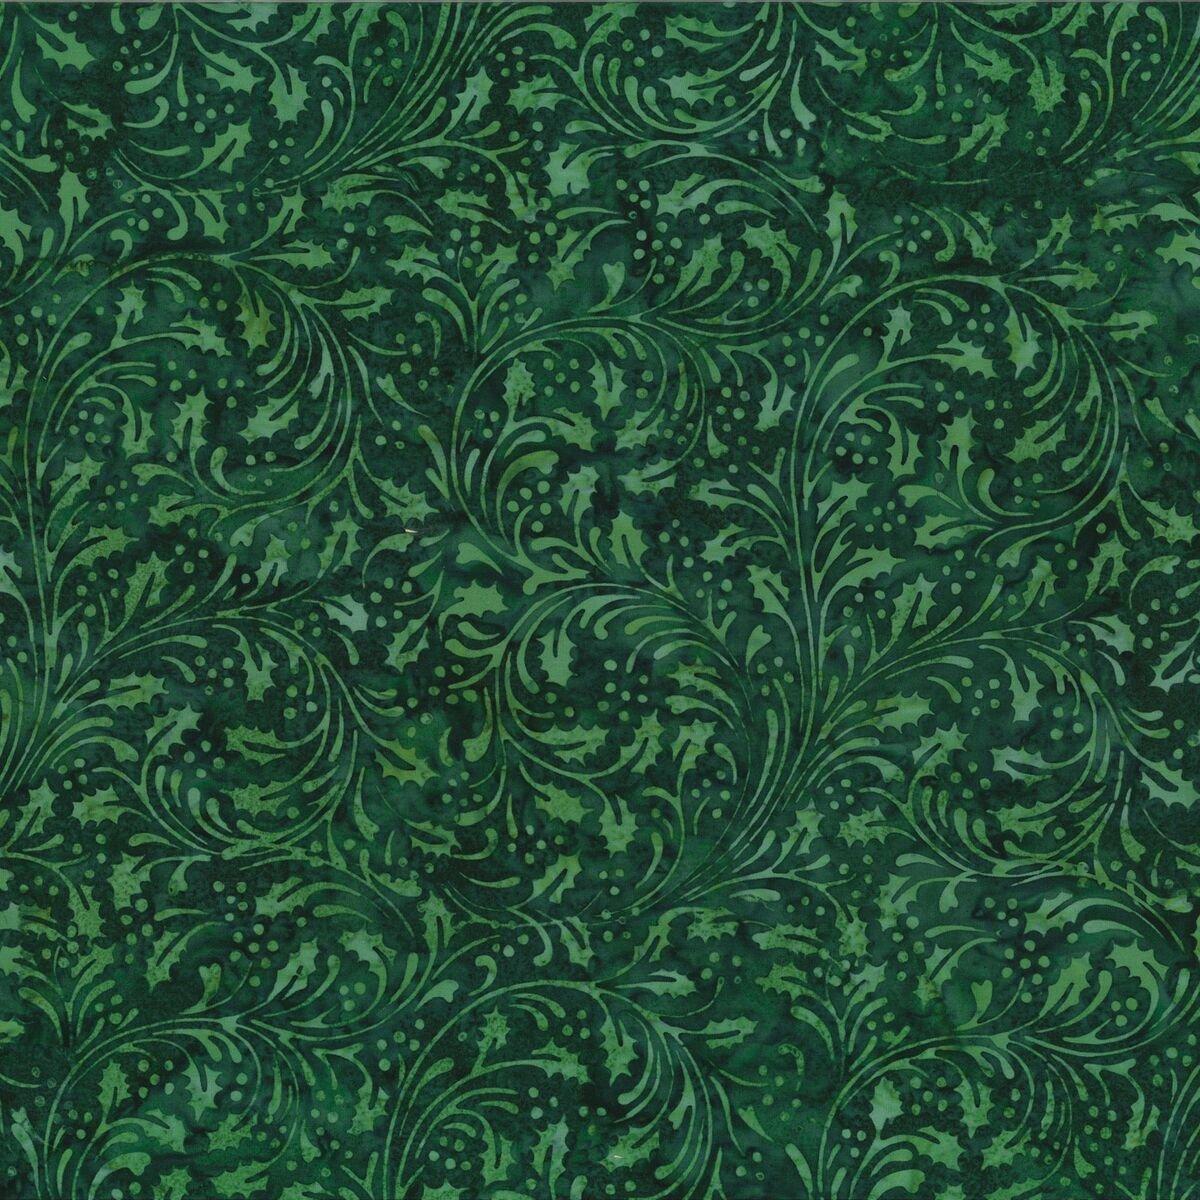 FQ N2885 189 Green Holly